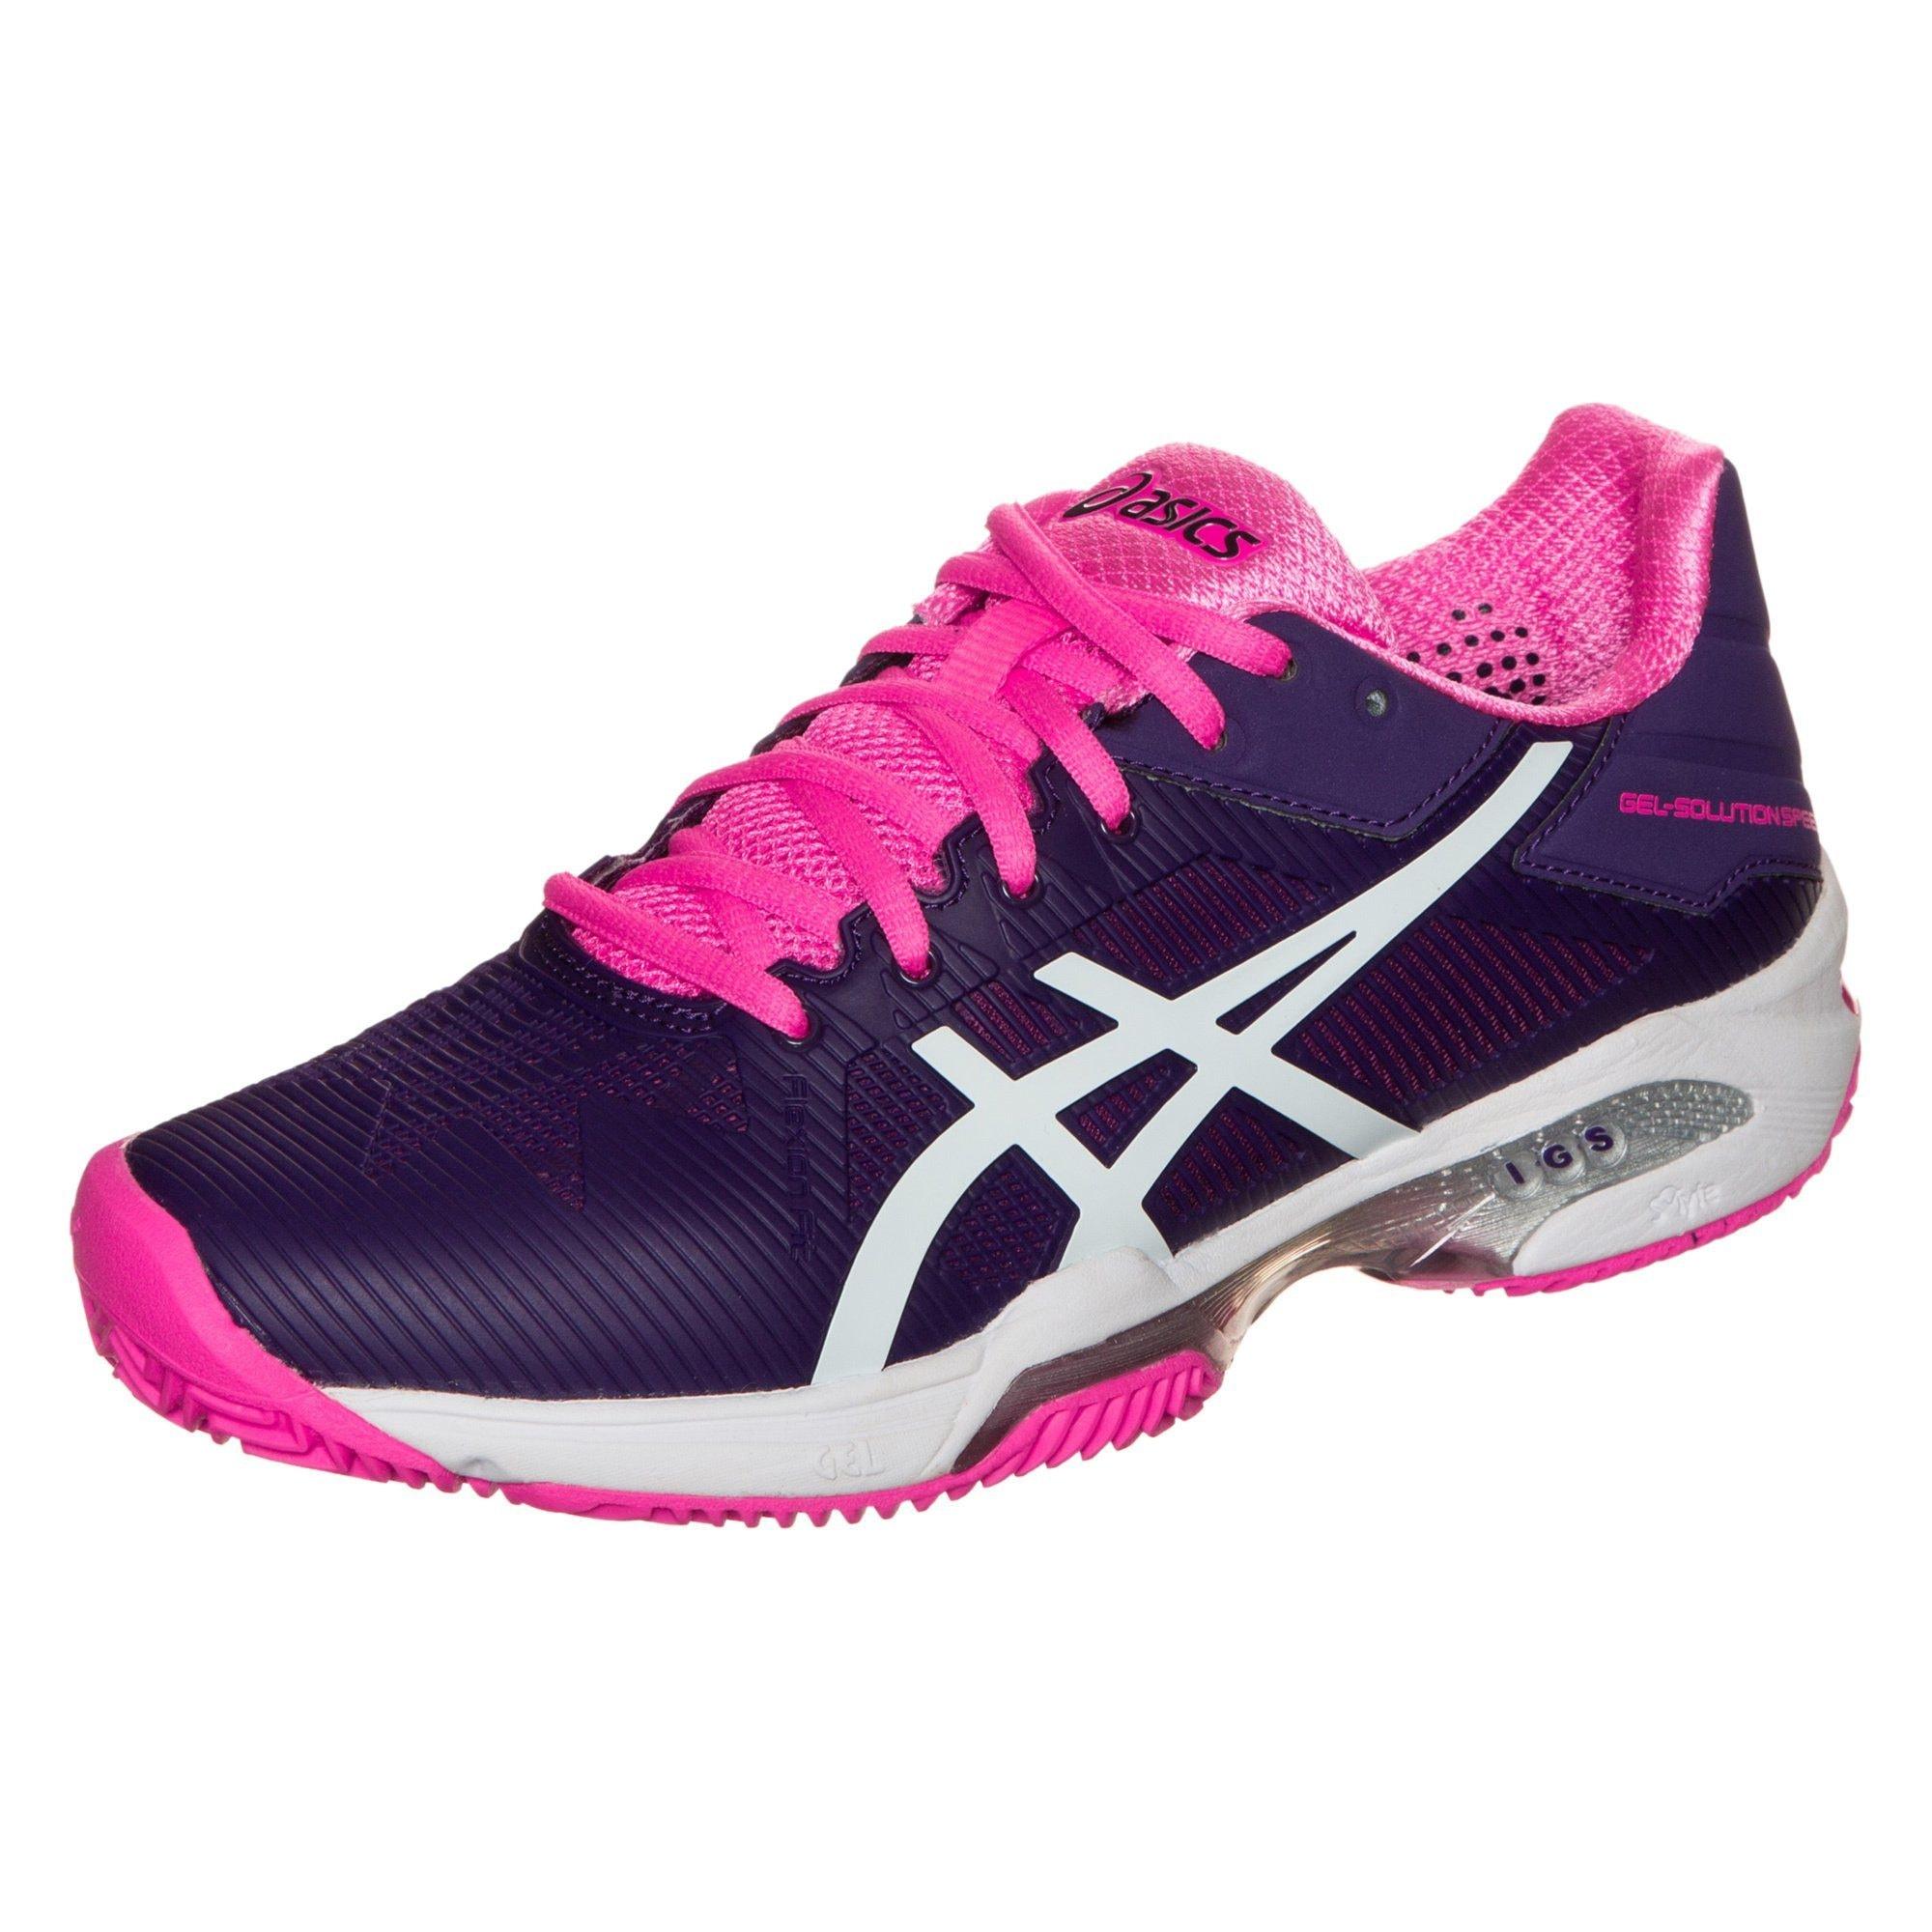 ASICS Gel-Solution Clay Speed 3 Clay Gel-Solution Tennisschuh Damen für Damen bei Imwalking bf81b4